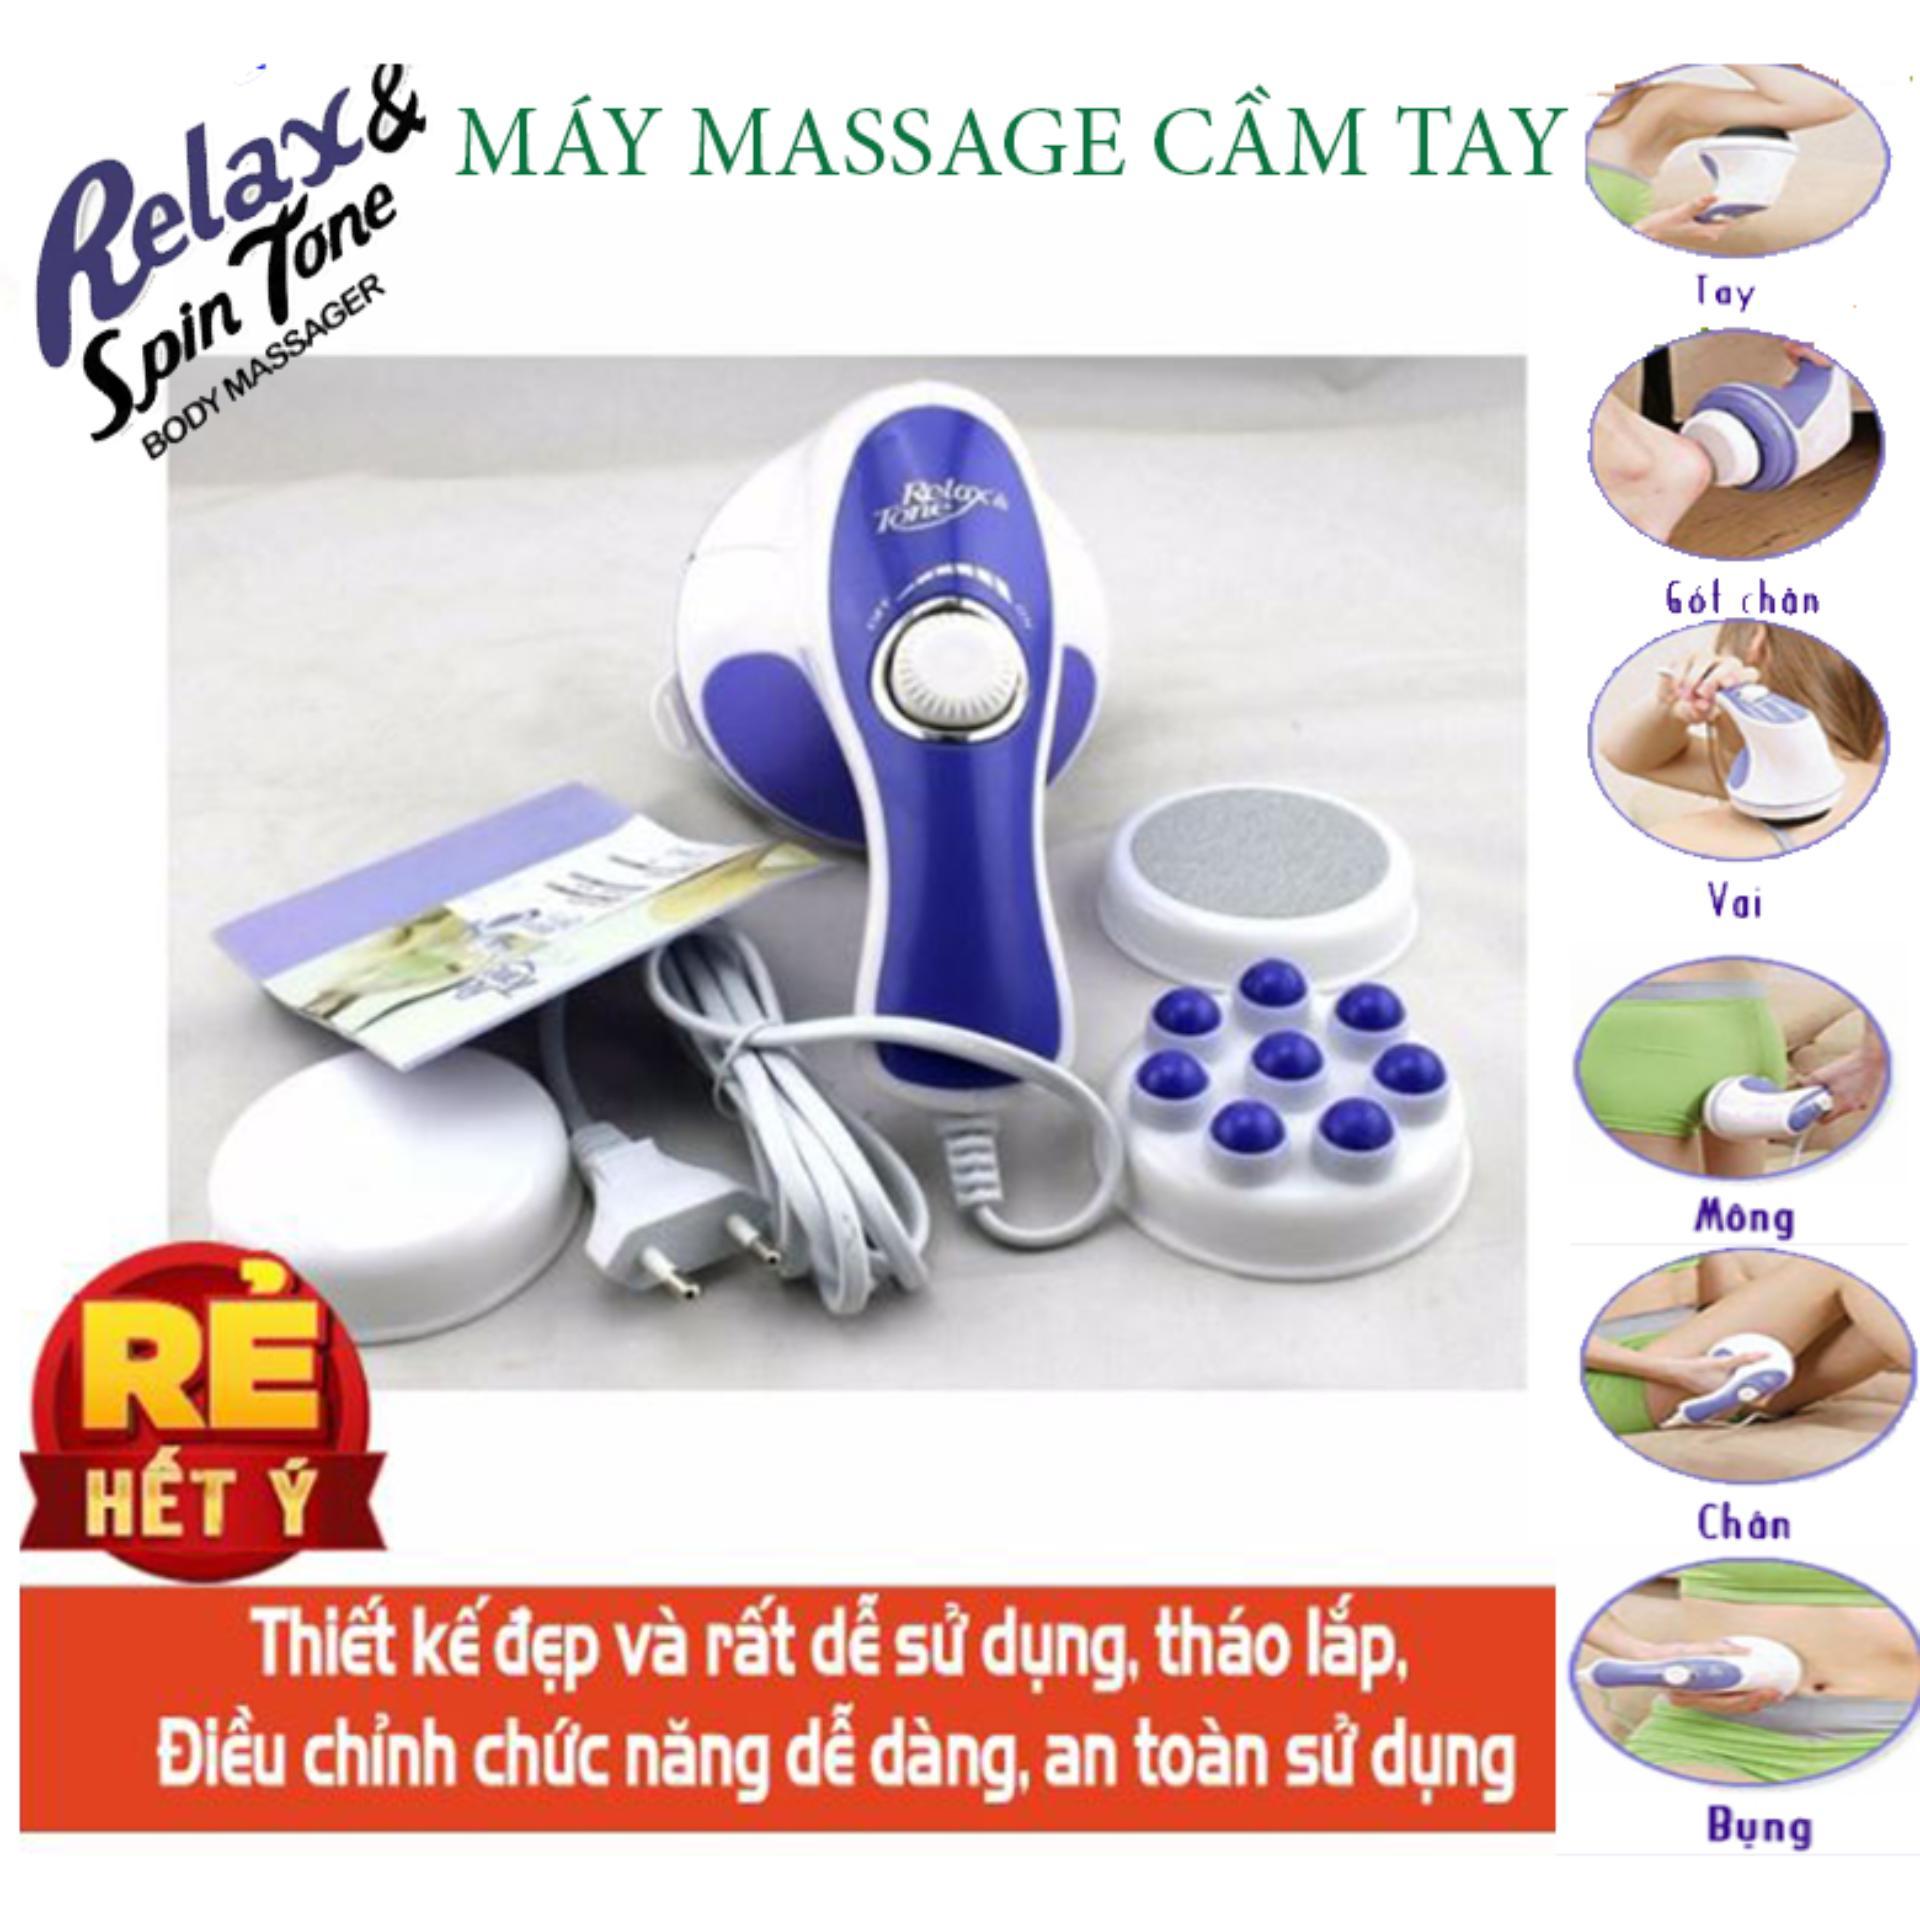 máy massge cầm tay giảm mỡ toàn thân - PPK 273 - Máy Massage Cầm Tay Relax & Spin Tone Chất Lượng Cao, Siêu Tiện Lợi, Giá Tốt - Massage Toàn Thân Giá Rẻ - Giúp lưu thông tuần hoàn khí huyết - giảm căng thẳng, đau nhức-BH UY TÍN 1 ĐỔI 1 Nhật Bản